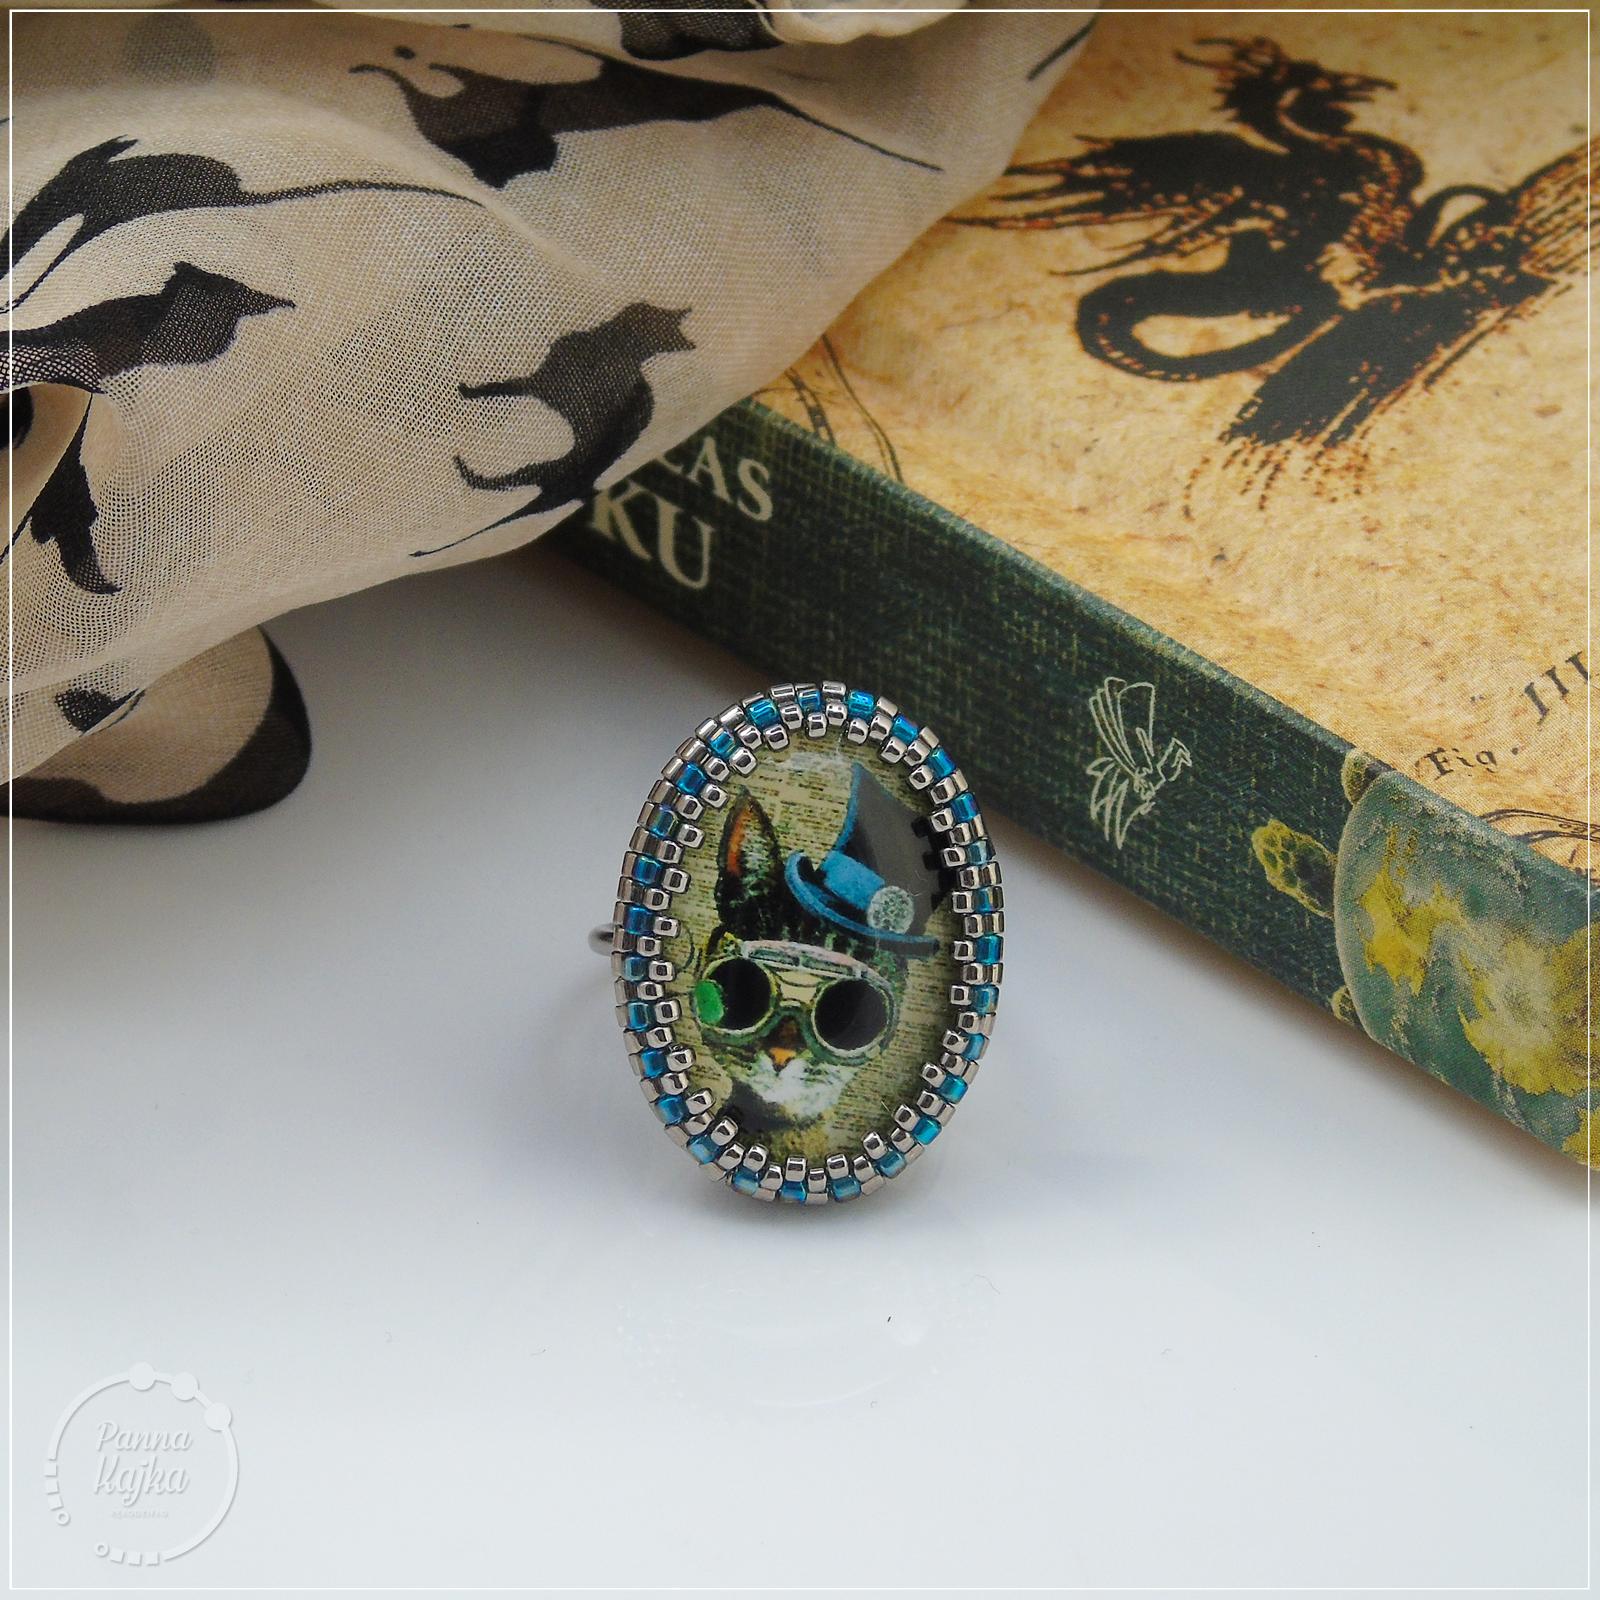 handmade, rękodzieło, biżuteria ręcznie robiona, handmade jewellery, jewelry, pierścionek, ring, handmade ring, beadweaving, beading, beads, koralikowy pierścionek, koraliki, miyuki, toho, kaboszon, kot, cat, steampunk, steampunk cat, cat in hat, toho, miyuki beads, toho beads